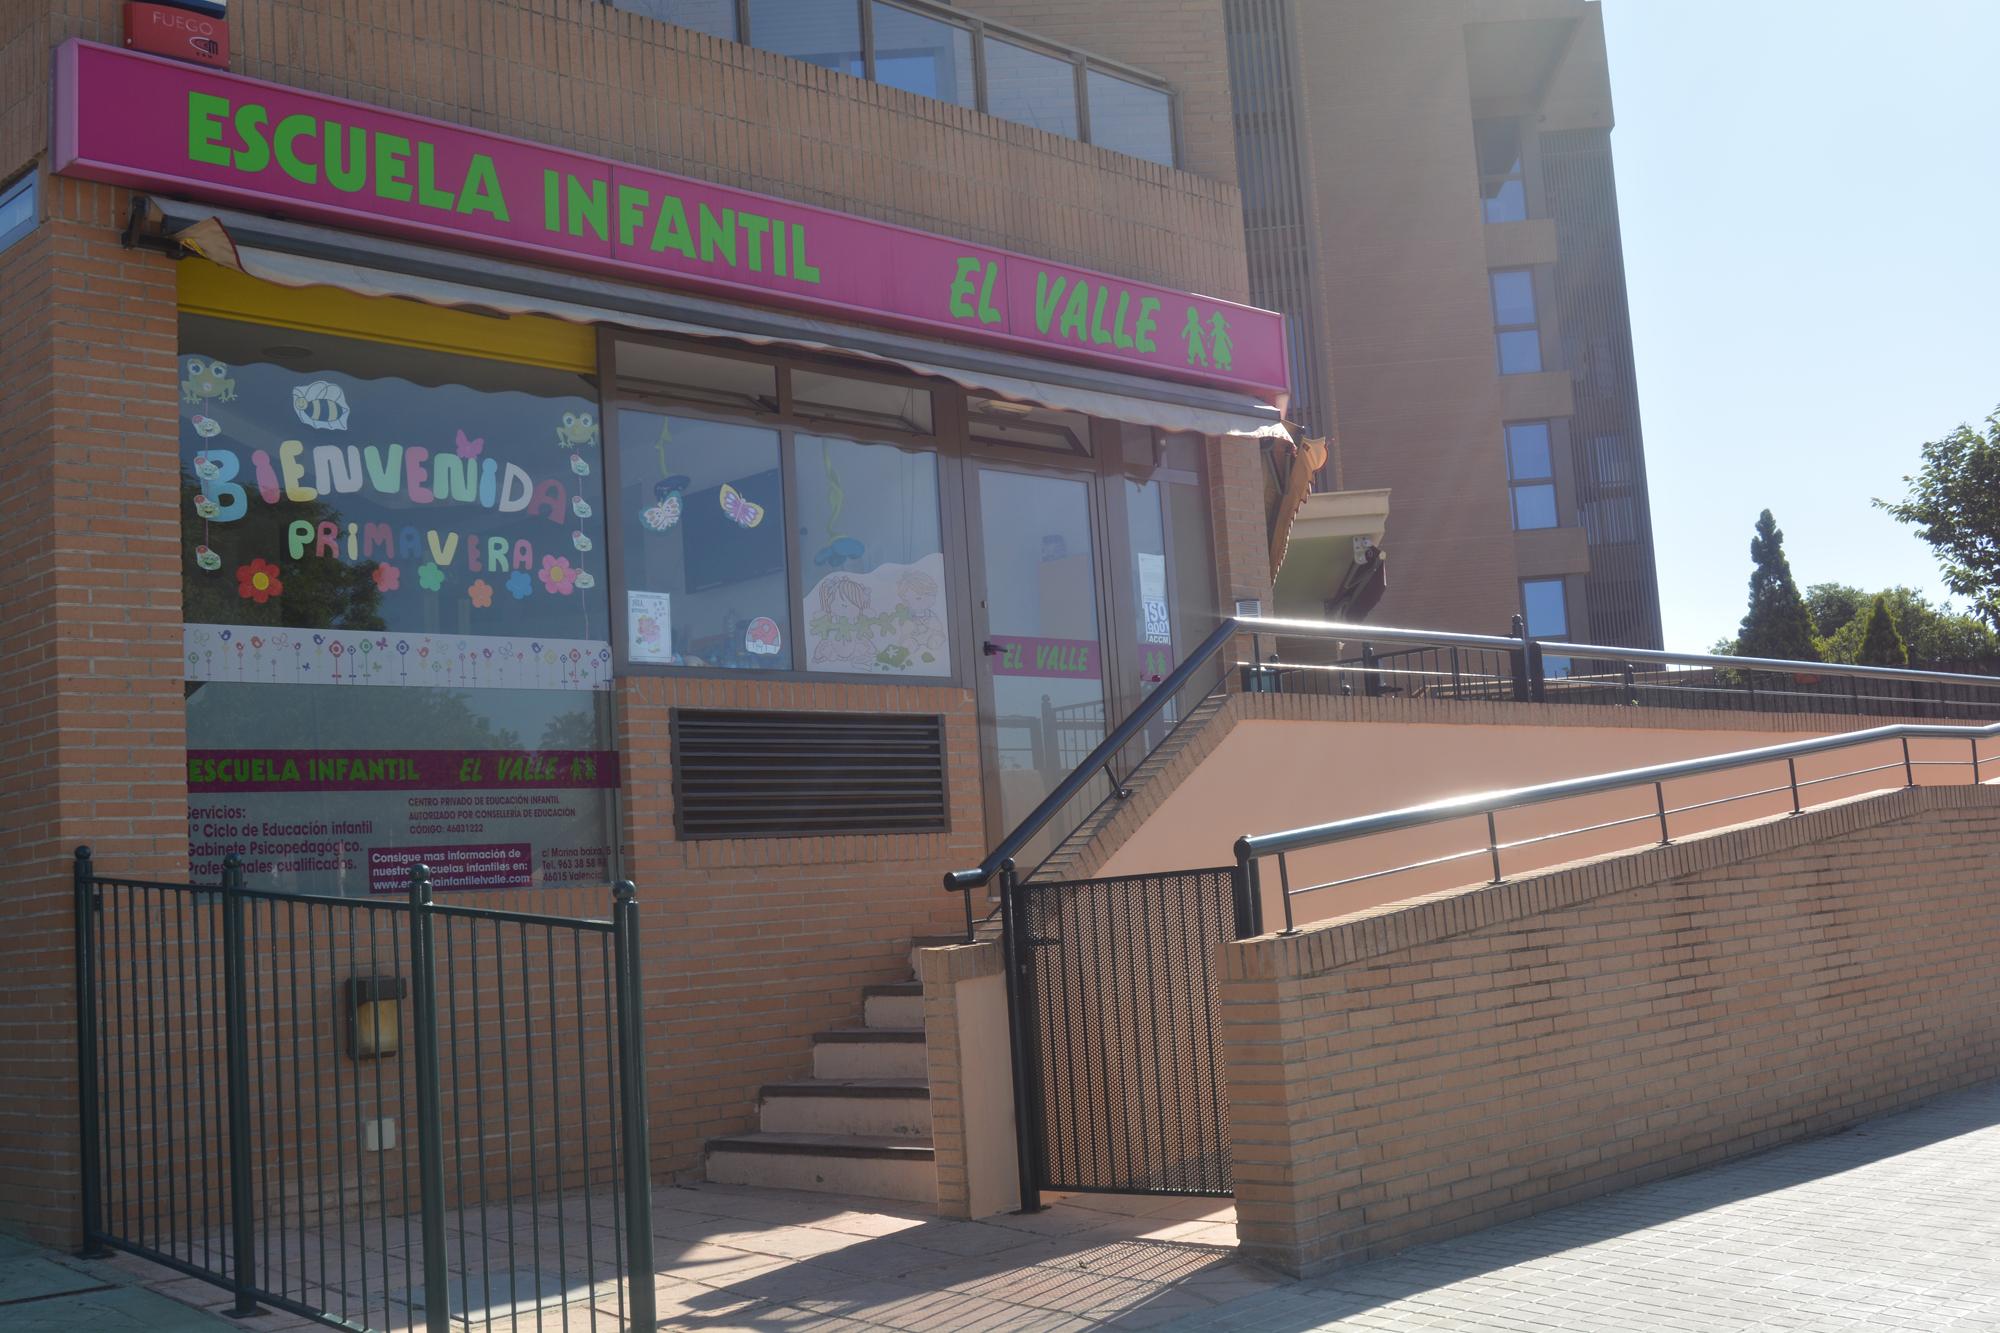 Matricula abierta 2019-2020 plazas limitadas para los niños de 0 a 3 años ceielvalle 2